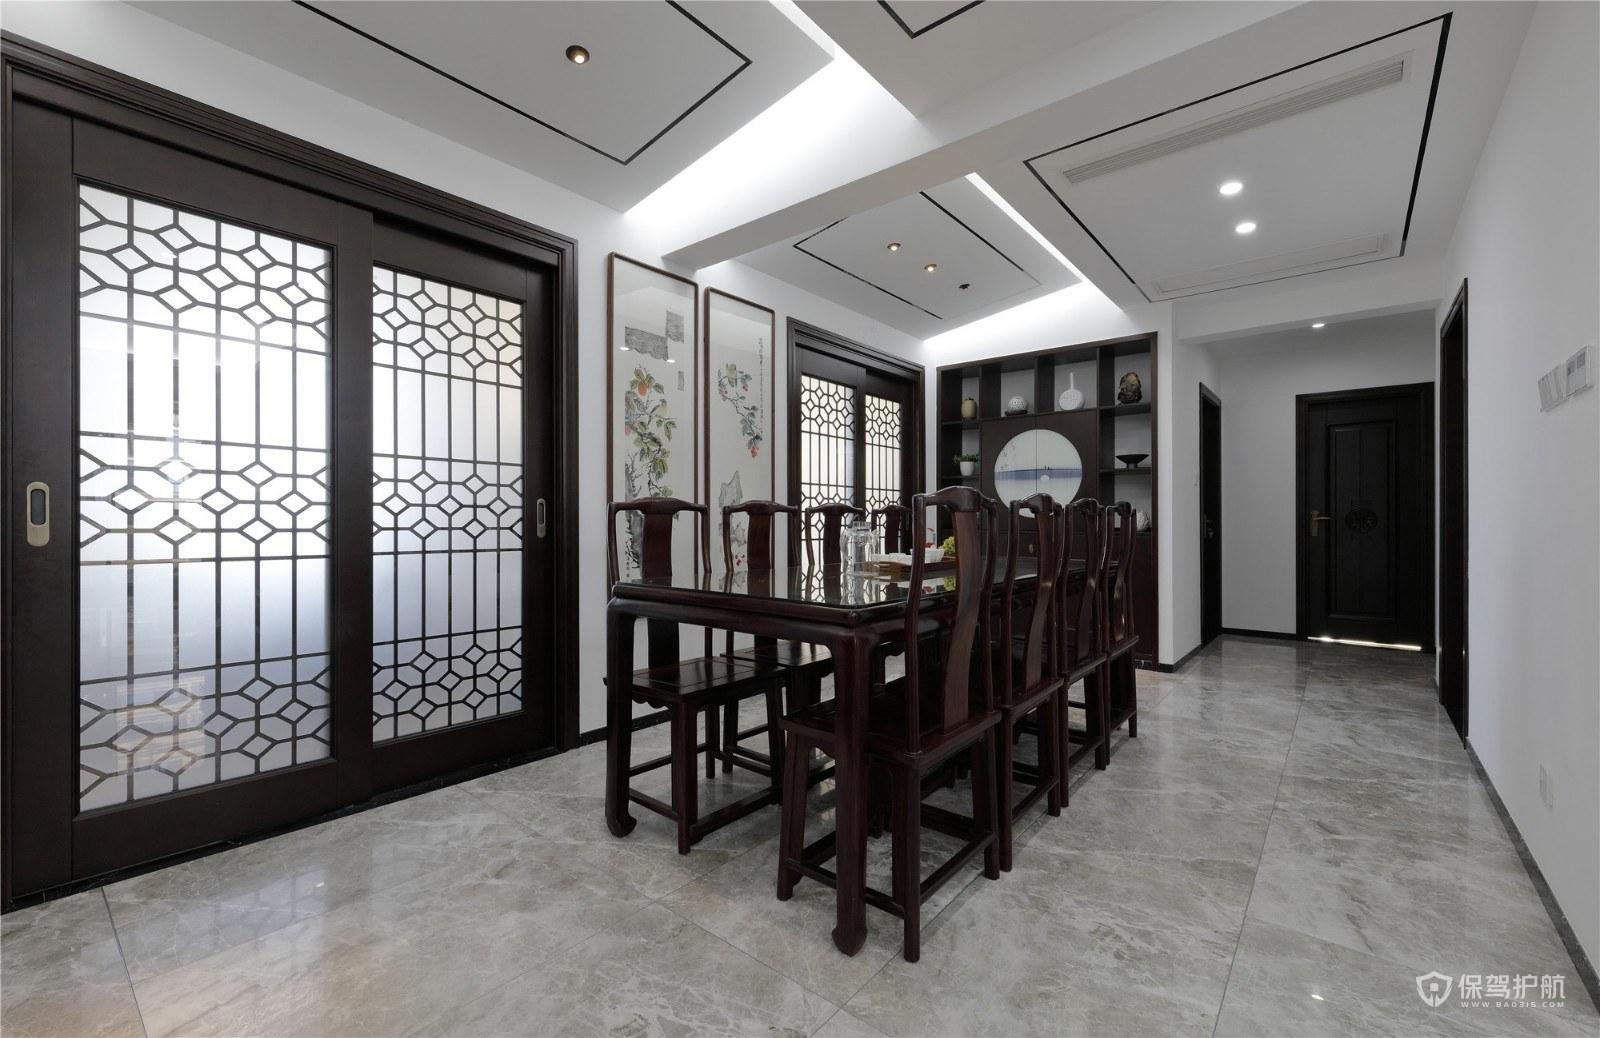 中式古典风格大户型餐厅装修效果图